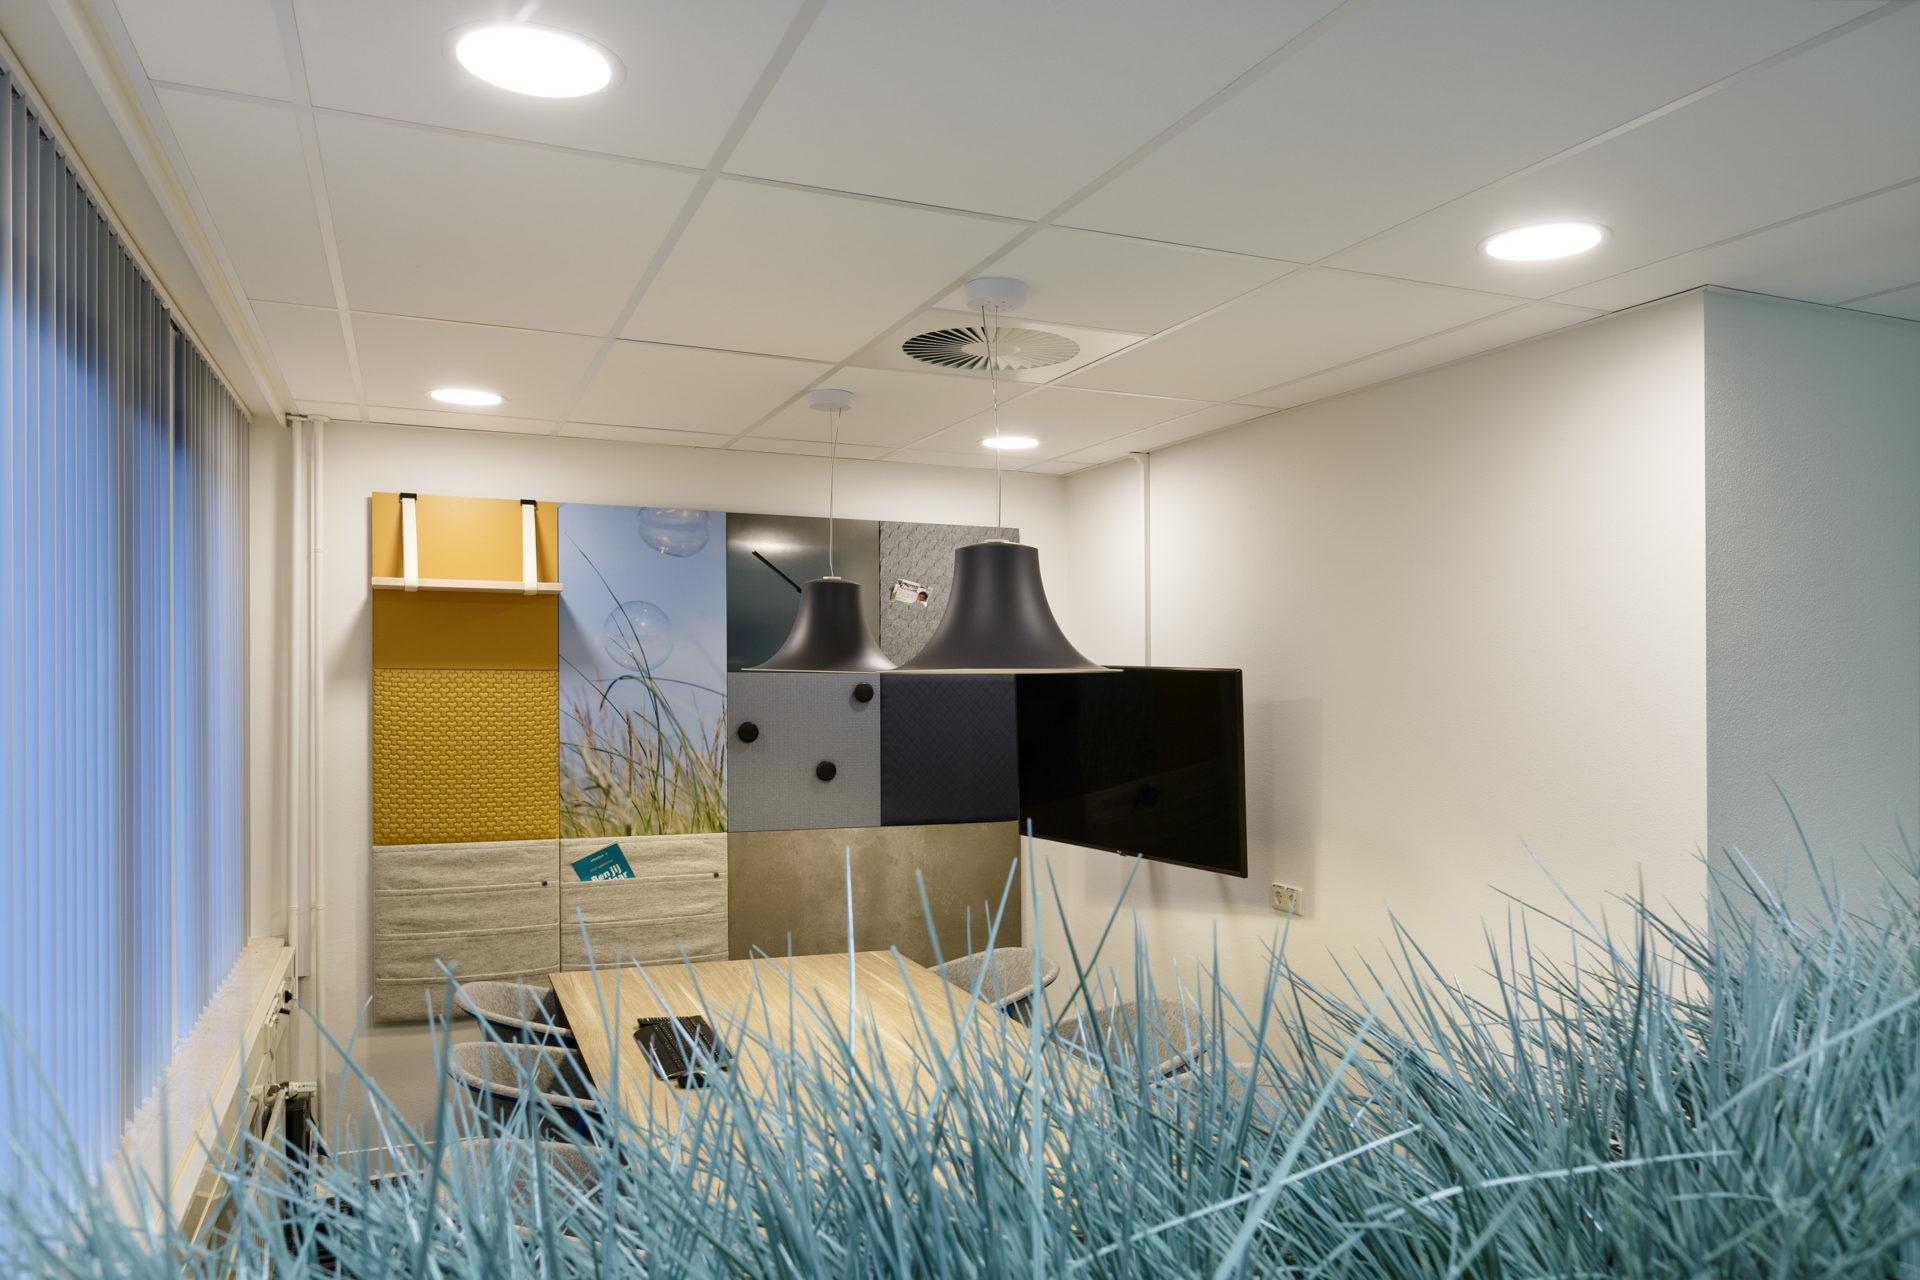 Topperprojecten Elkerliek Ziekenhuis Helmond21